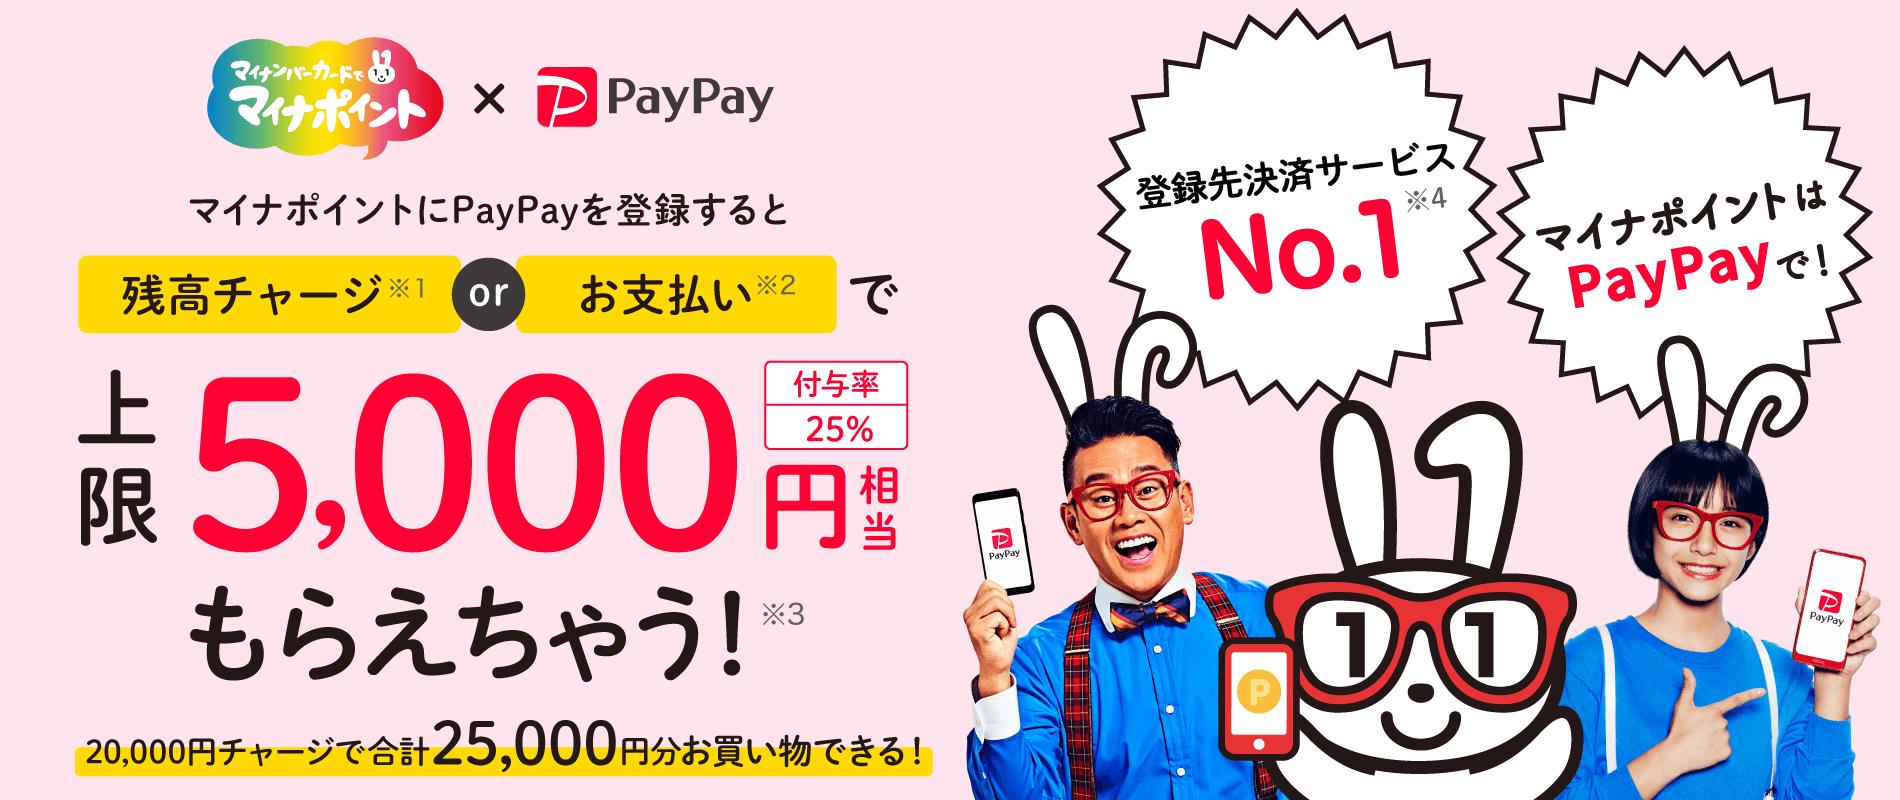 マイナポイントにPayPayを登録すると 残高チャージ or お支払いで上限5,000円相当もらえちゃう!